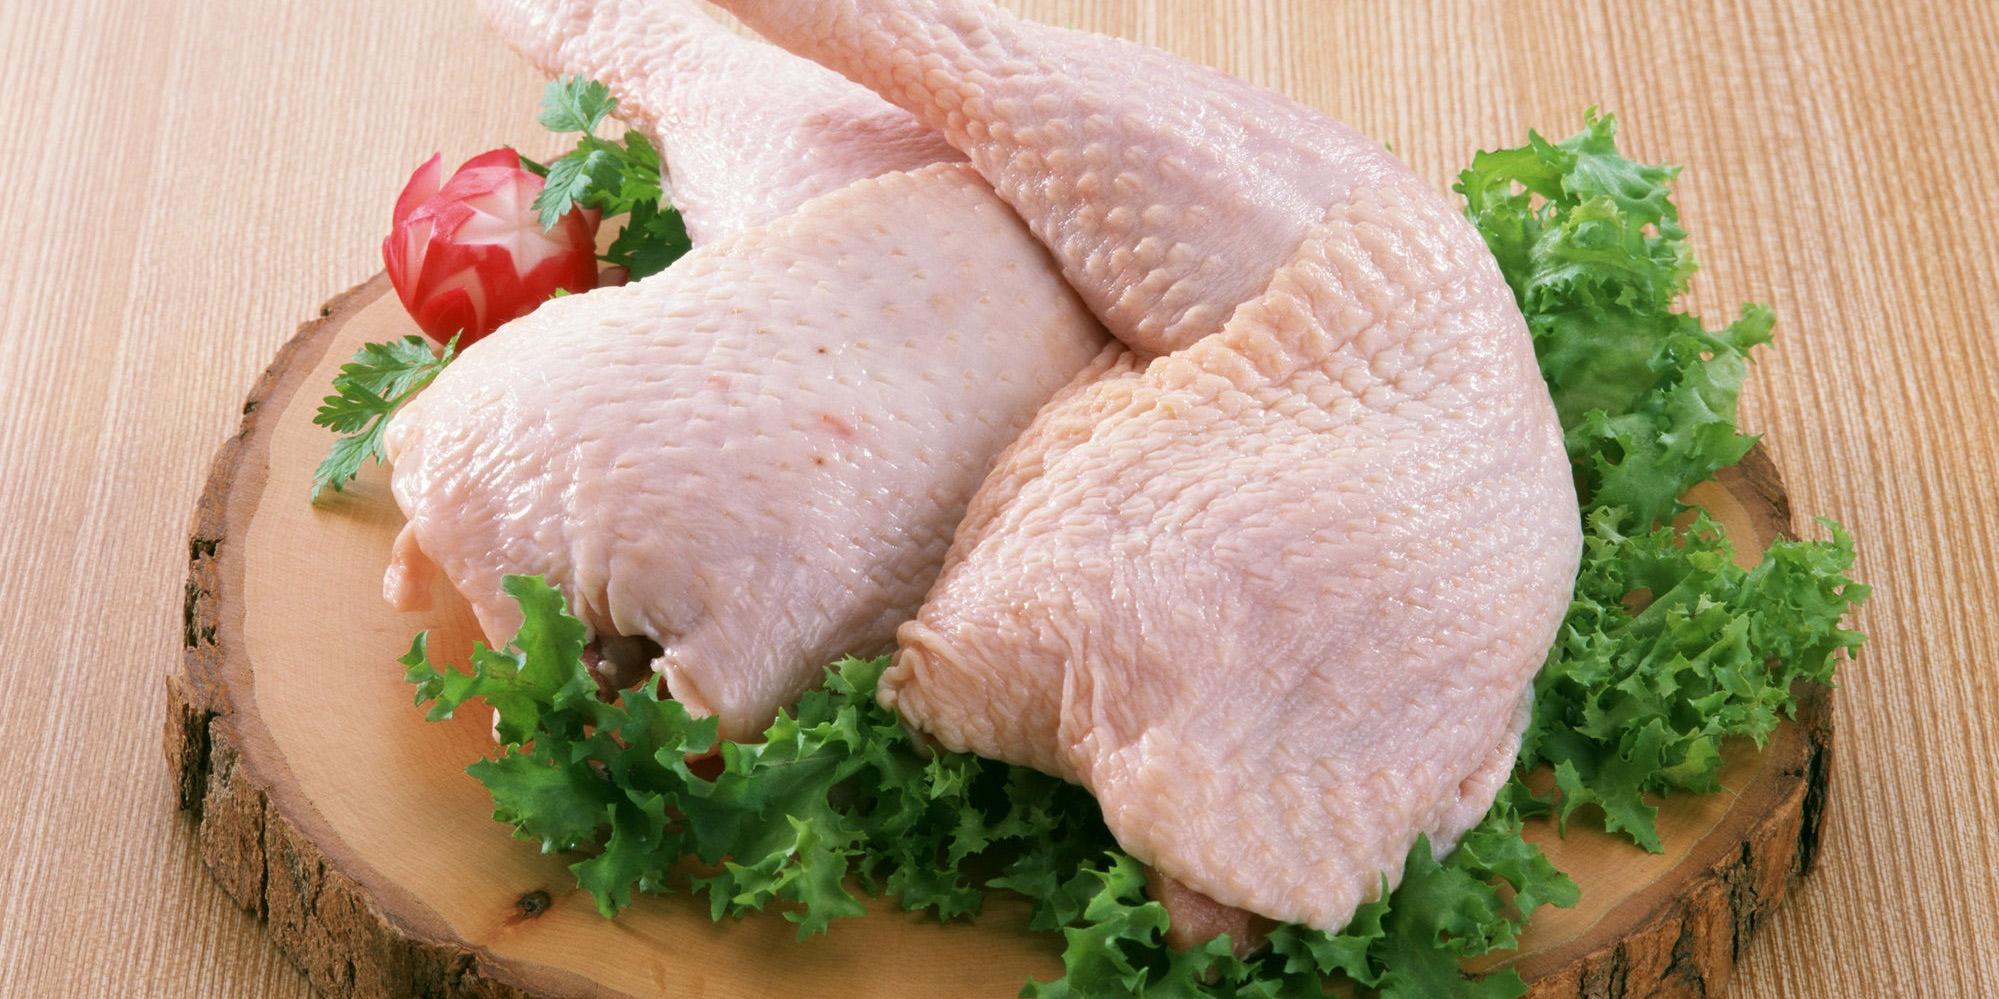 تولید سالانه 10هزار تن گوشت سفید در میاندورود